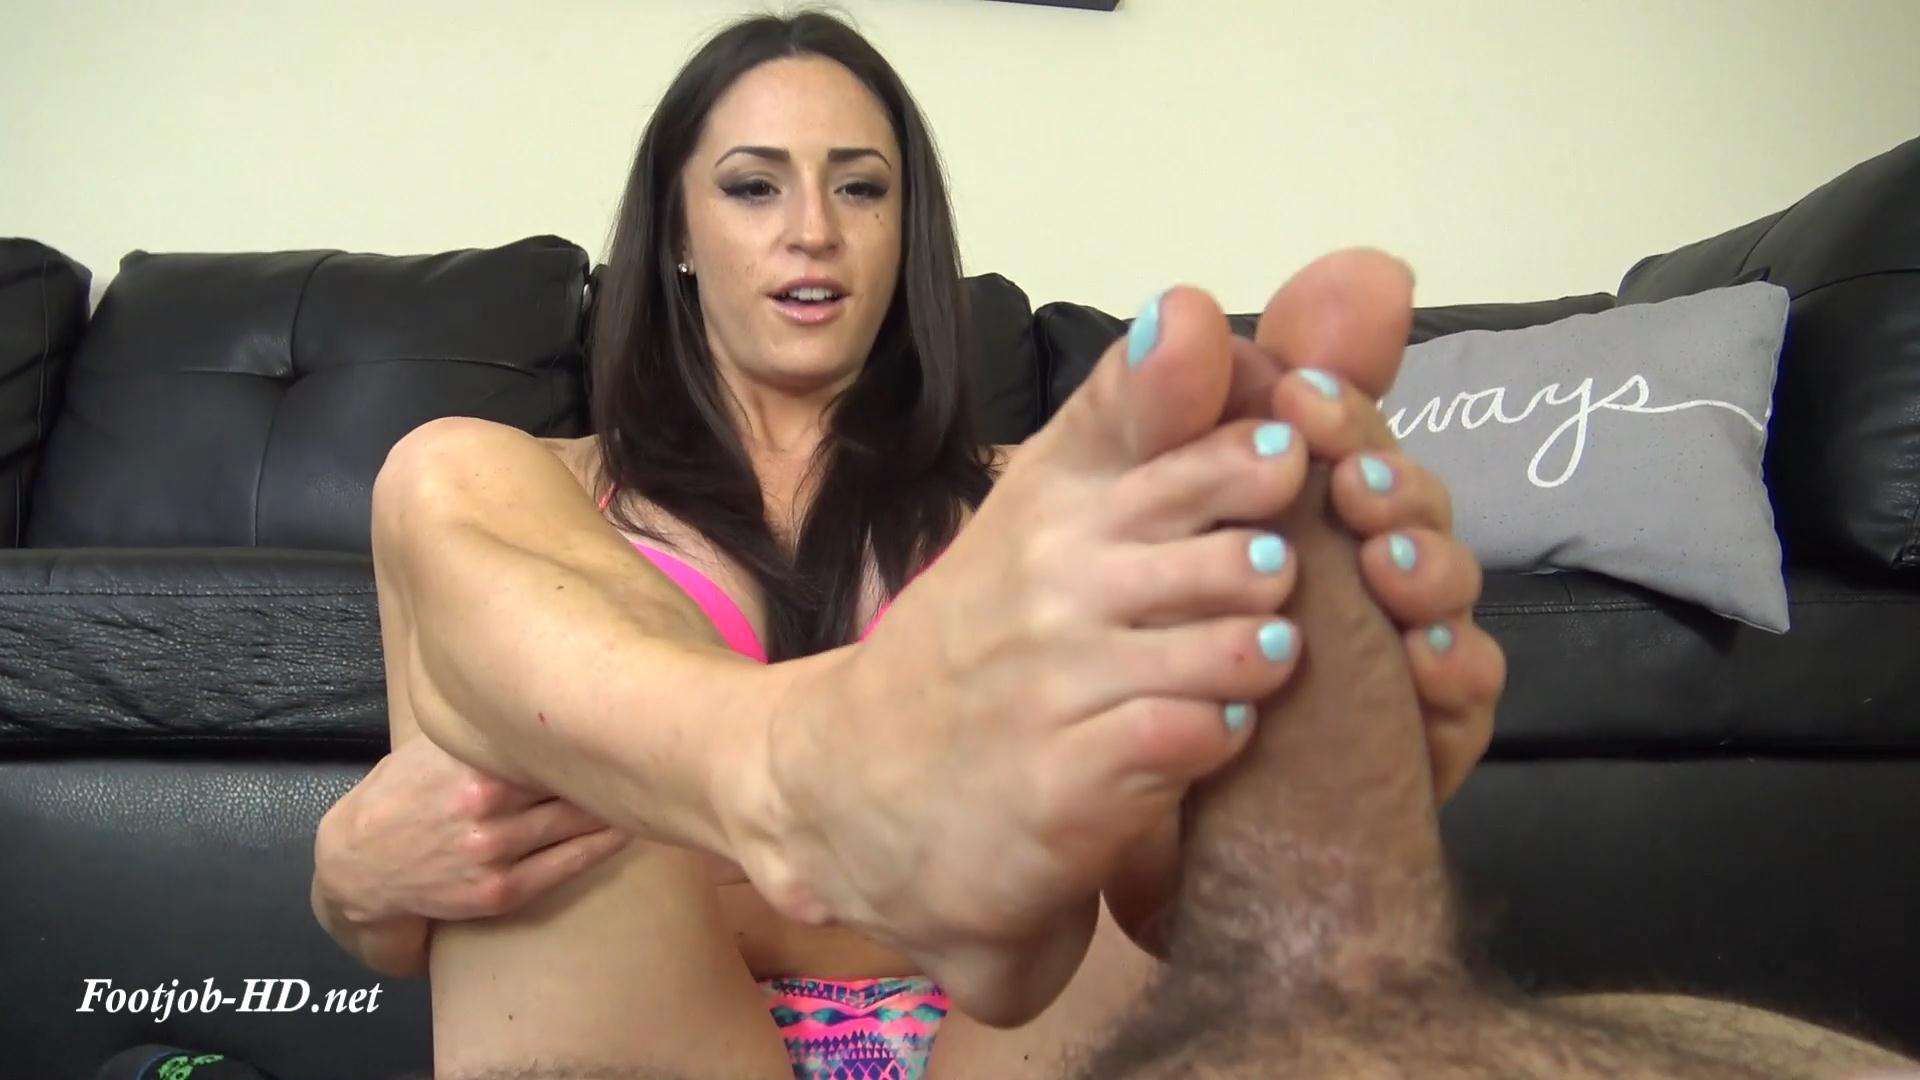 CLEO'S BEACH FEET FOOTJOB – The Foot Fantasy!!!